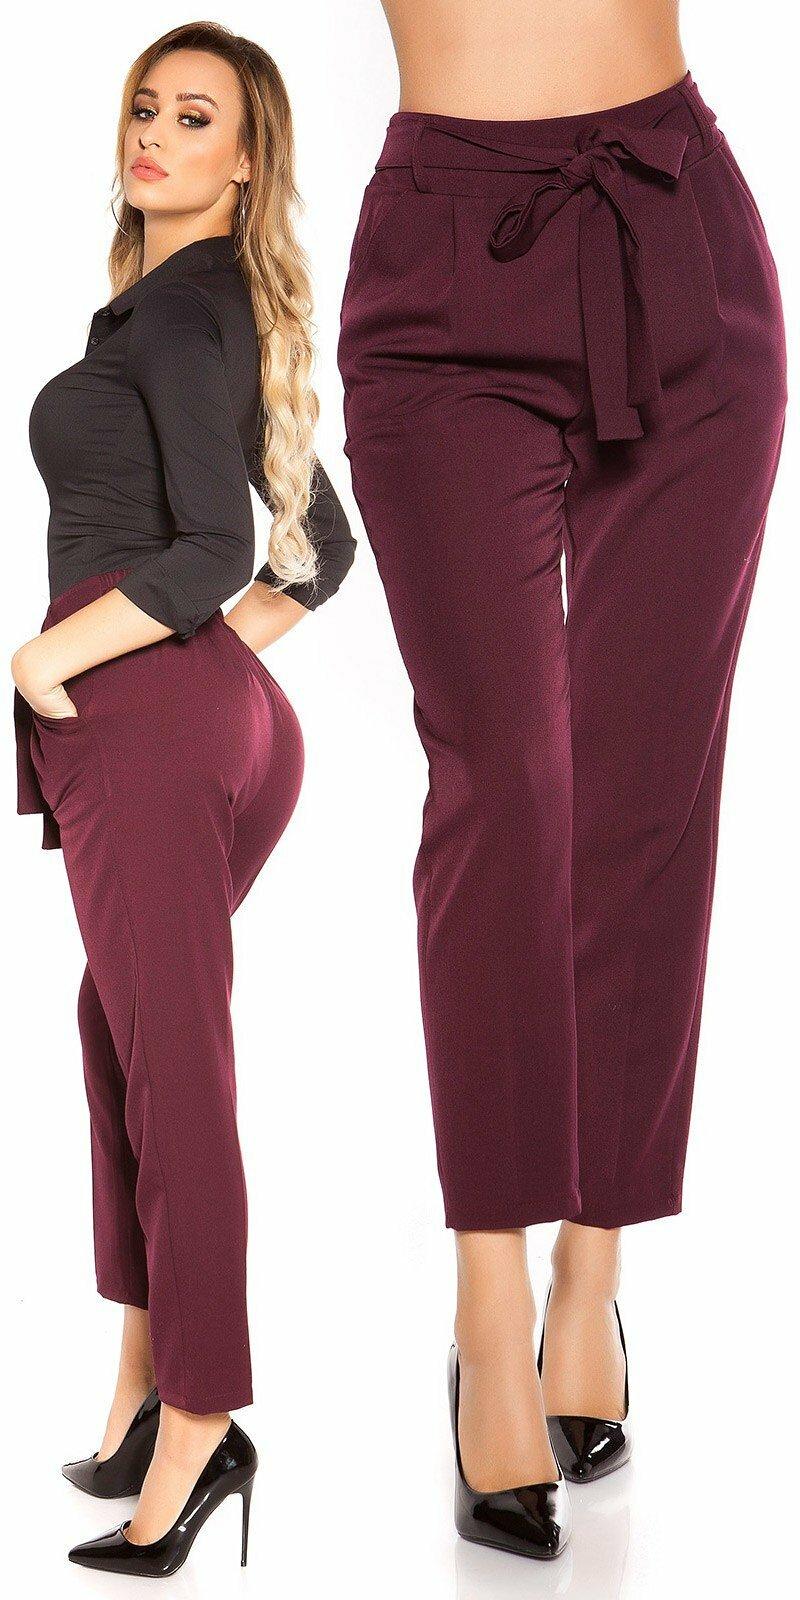 Elegantné nohavice so zvýšeným pásom - NajlepsiaModa.sk 11c3225db4